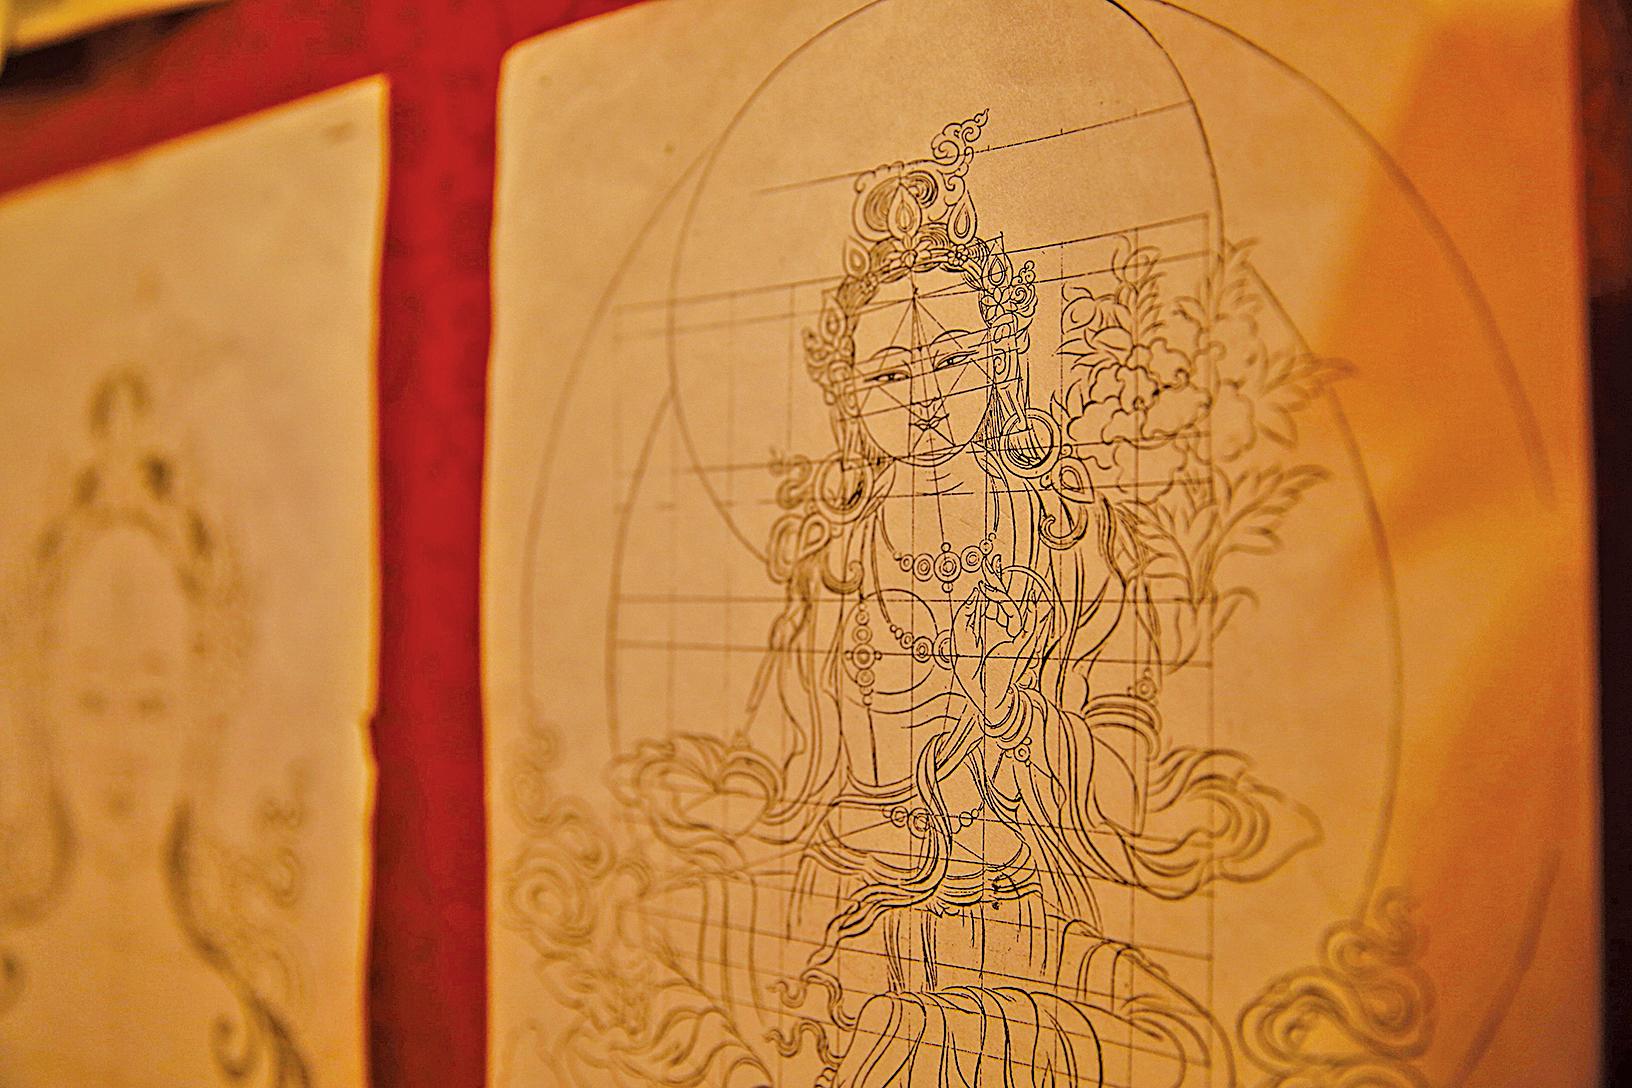 溫騏曾隨一名僧人到北印度出家5年。不丹以佛法為依歸。(Dakini提供)